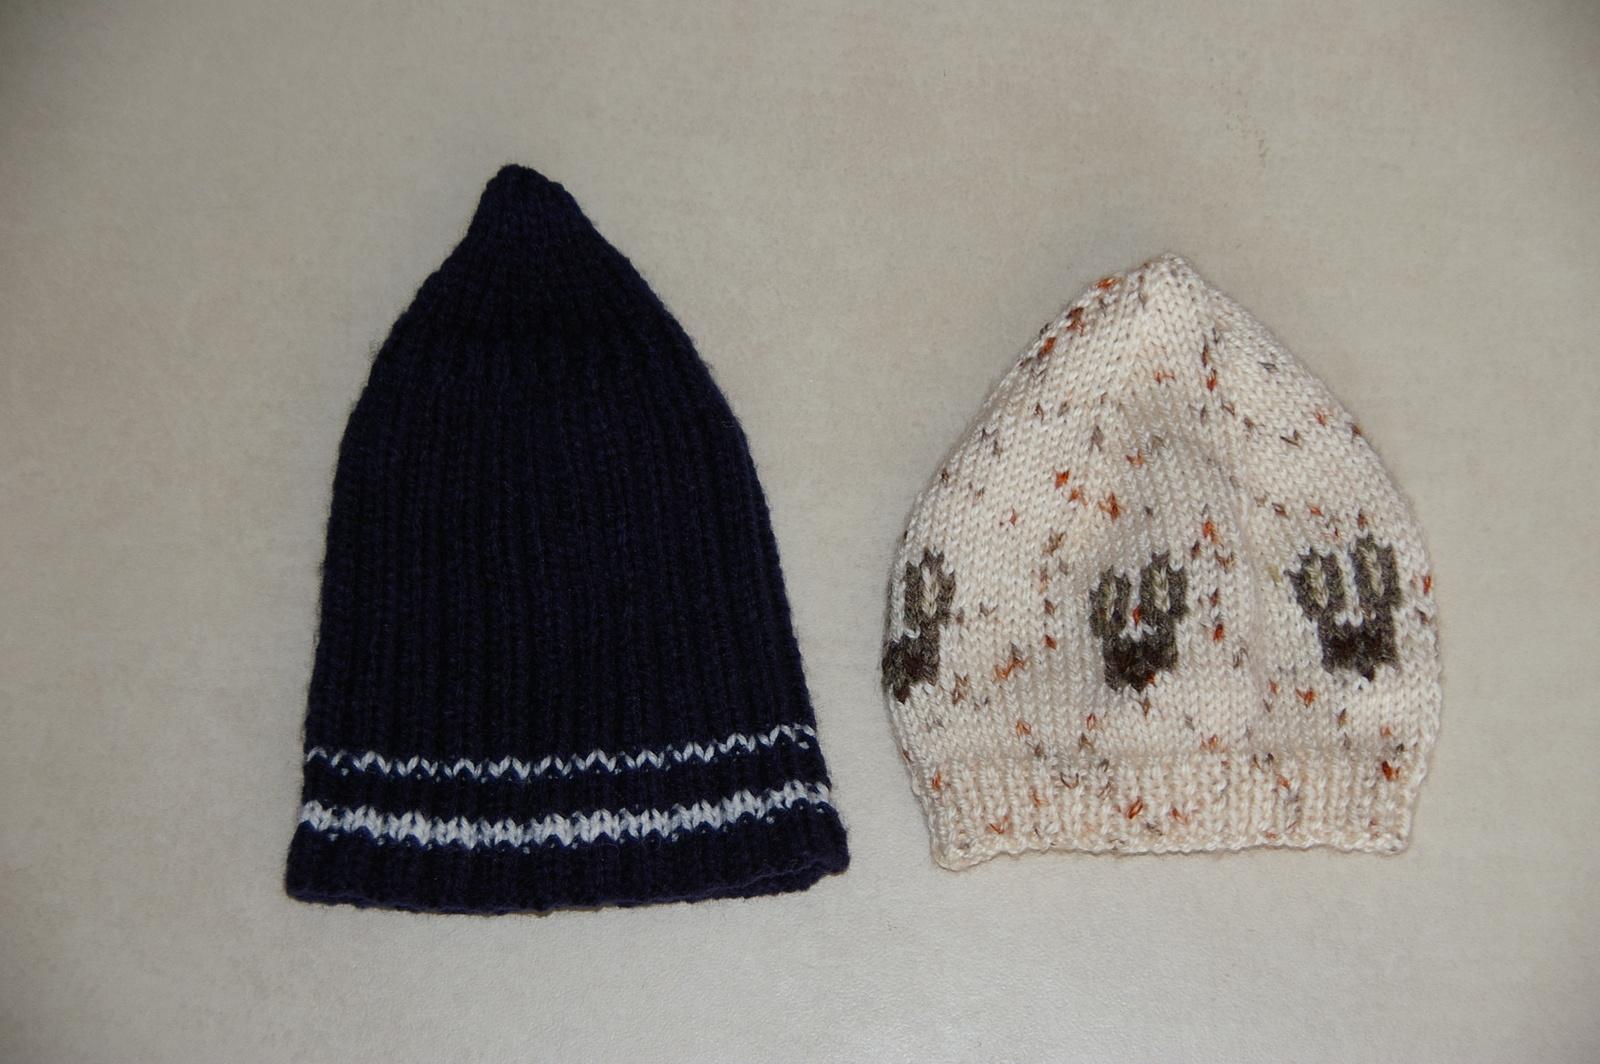 Le bonnet à cotes à côté du bonnet naissance.